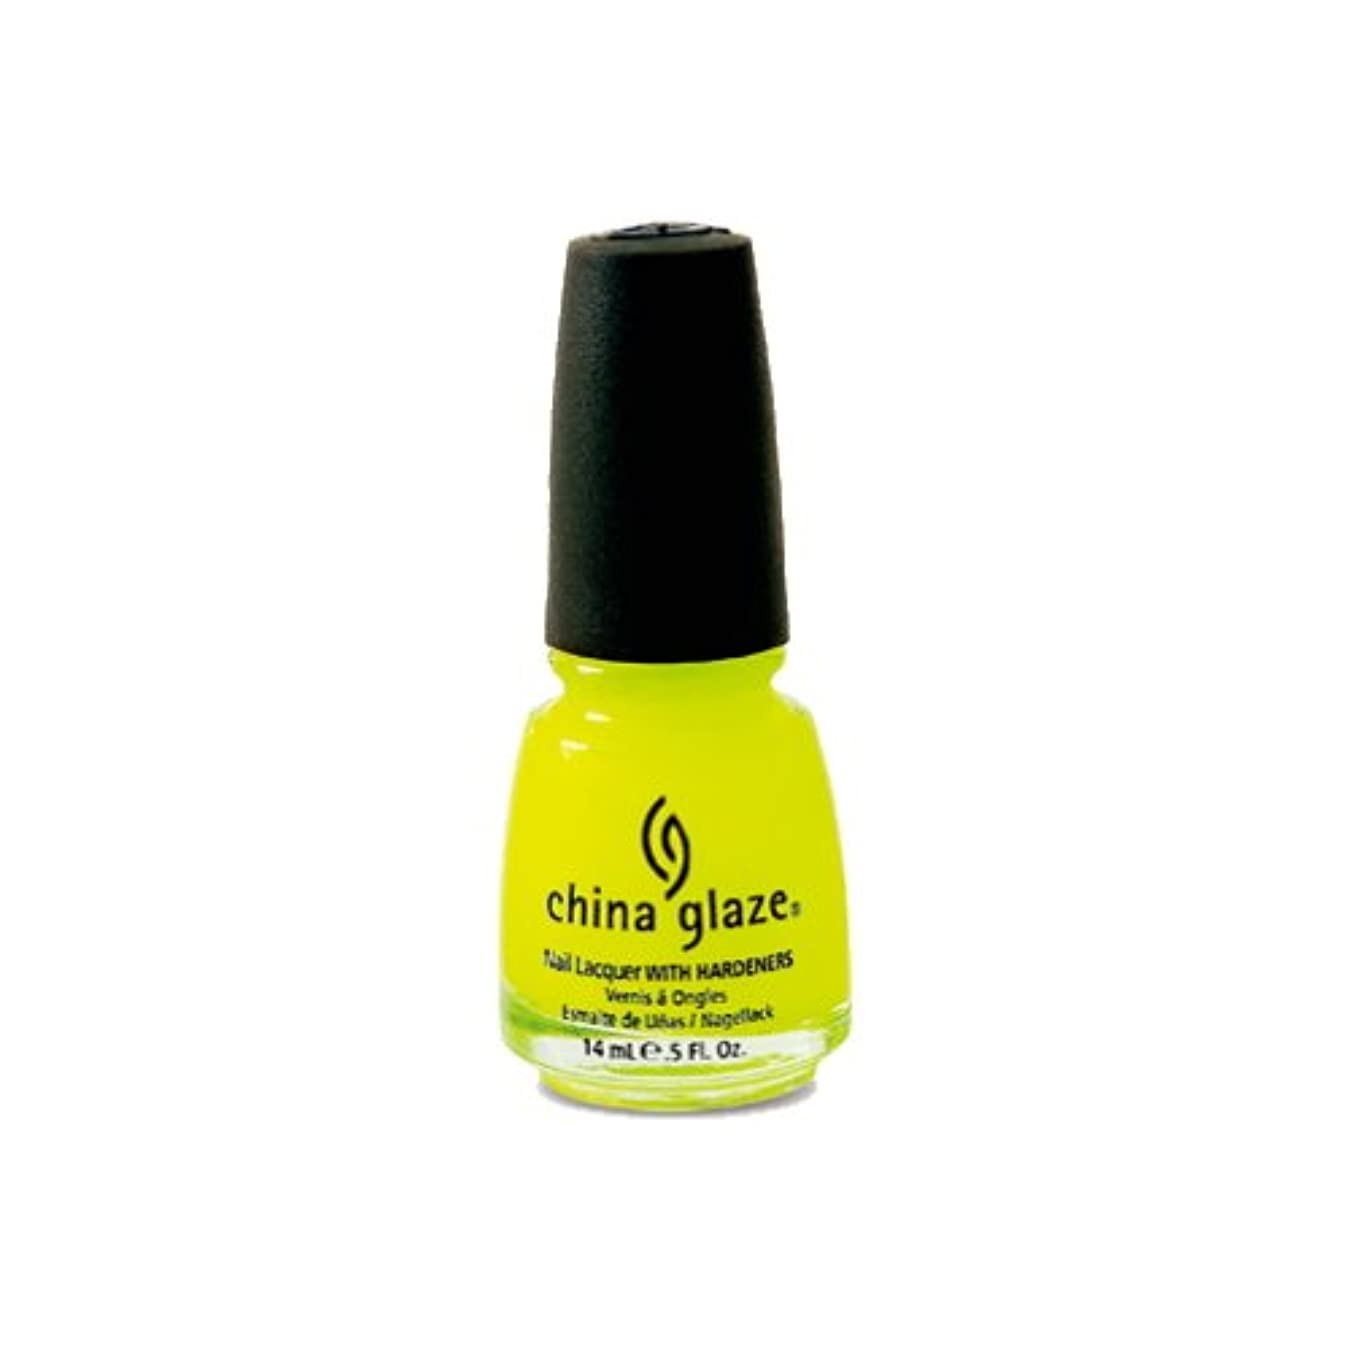 破滅的な応じる法王(3 Pack) CHINA GLAZE Nail Lacquer with Nail Hardner 2 - Celtic Sun (並行輸入品)